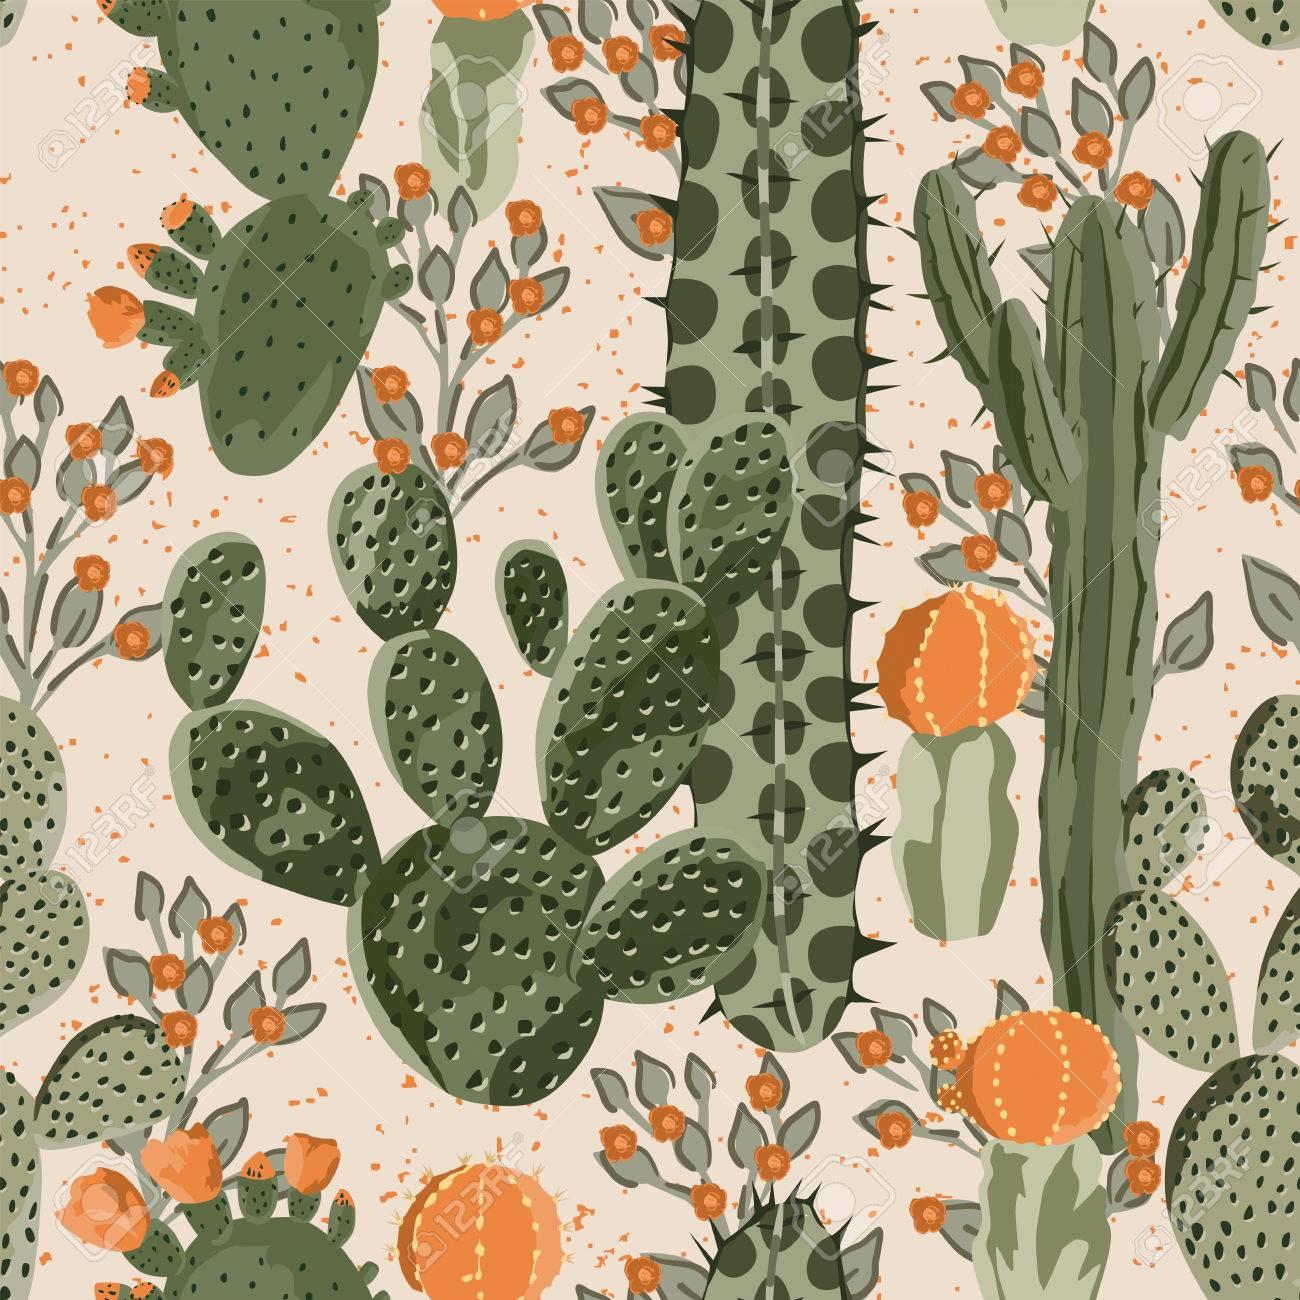 緑ベクトル多肉サボテンとオレンジ色の花のシームレスなパターン